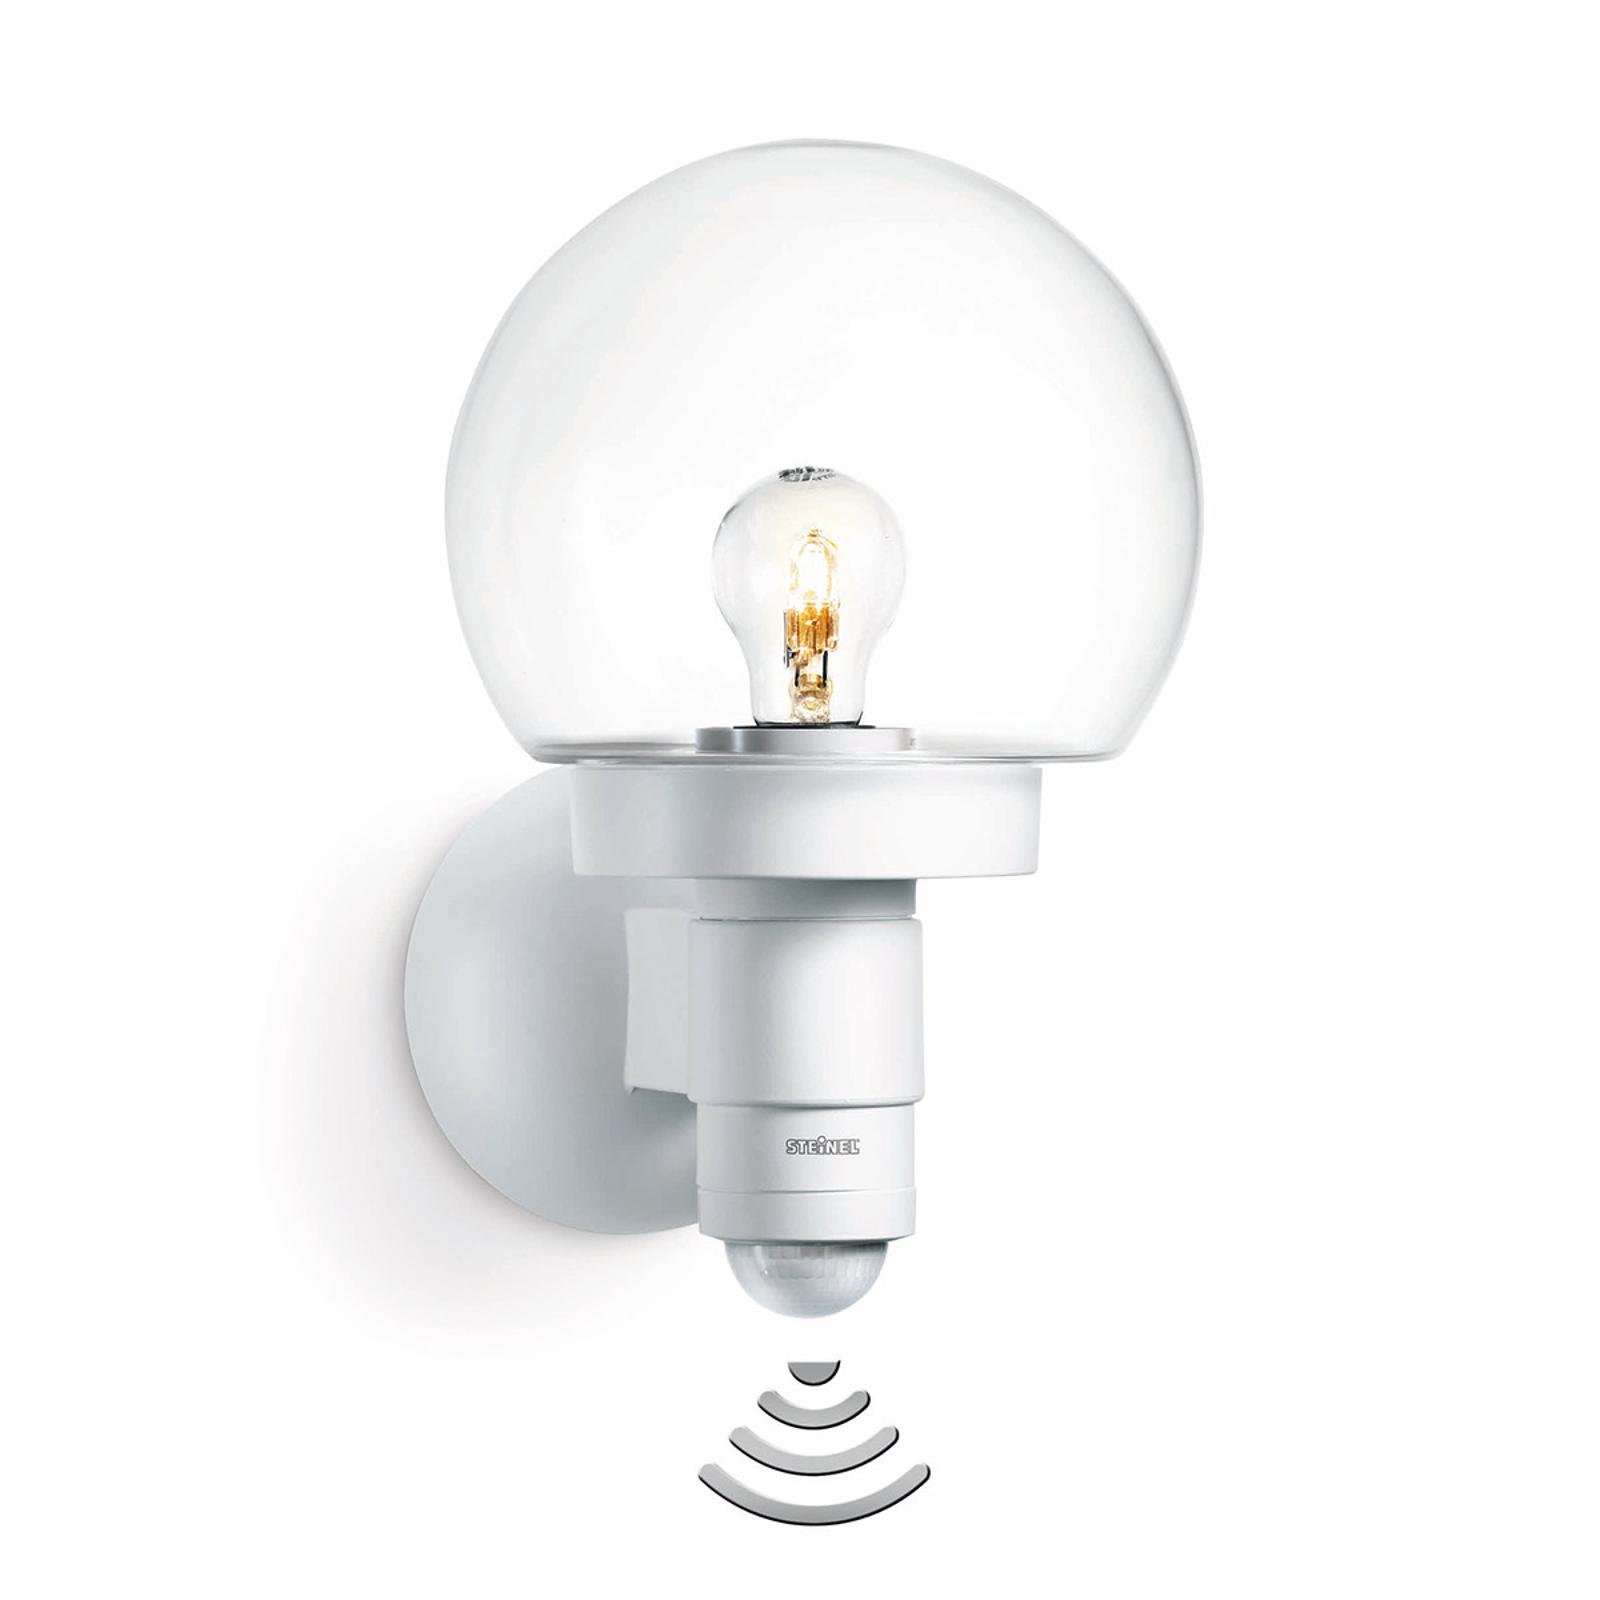 STEINEL L 115 S lampa ścienna z czujnikiem biała